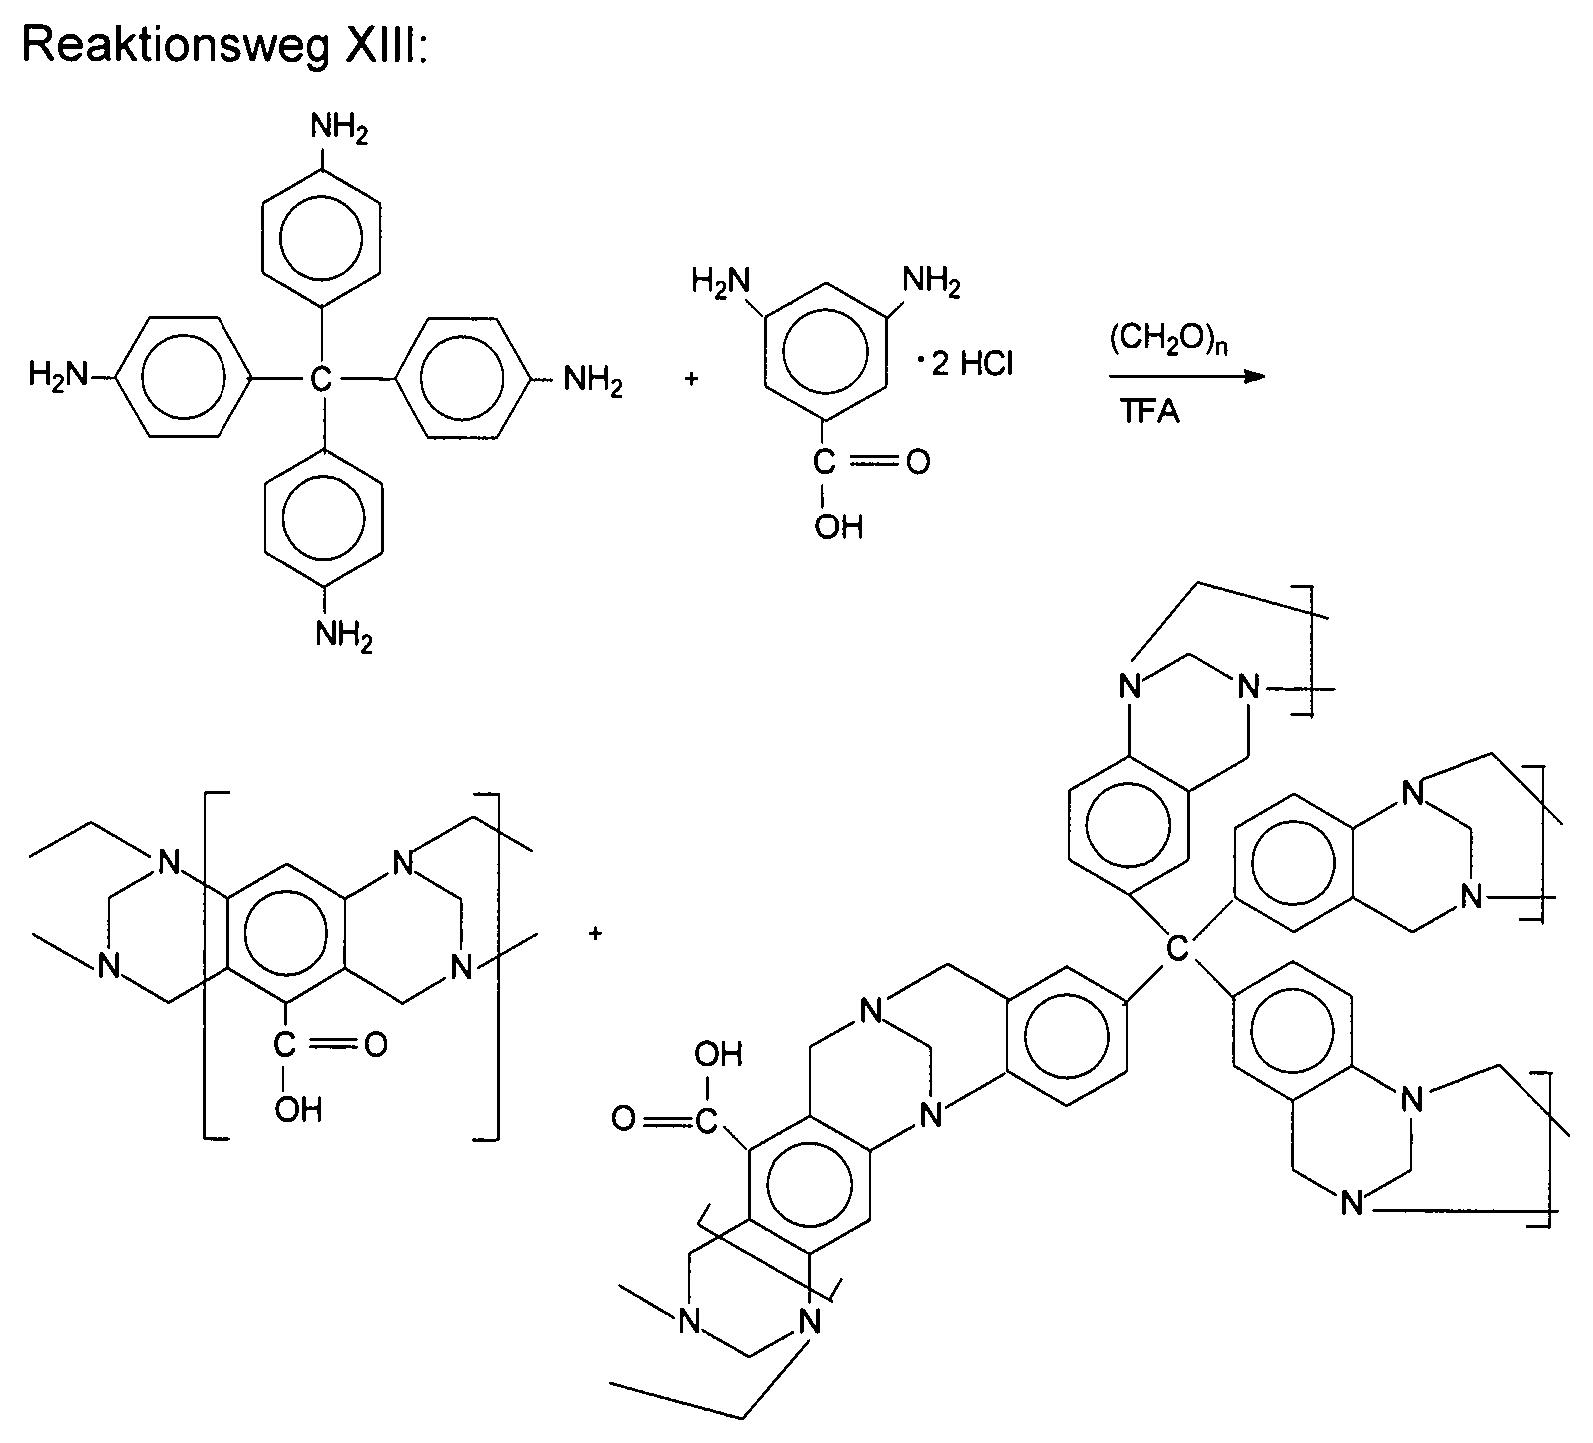 Figure DE112016005378T5_0033